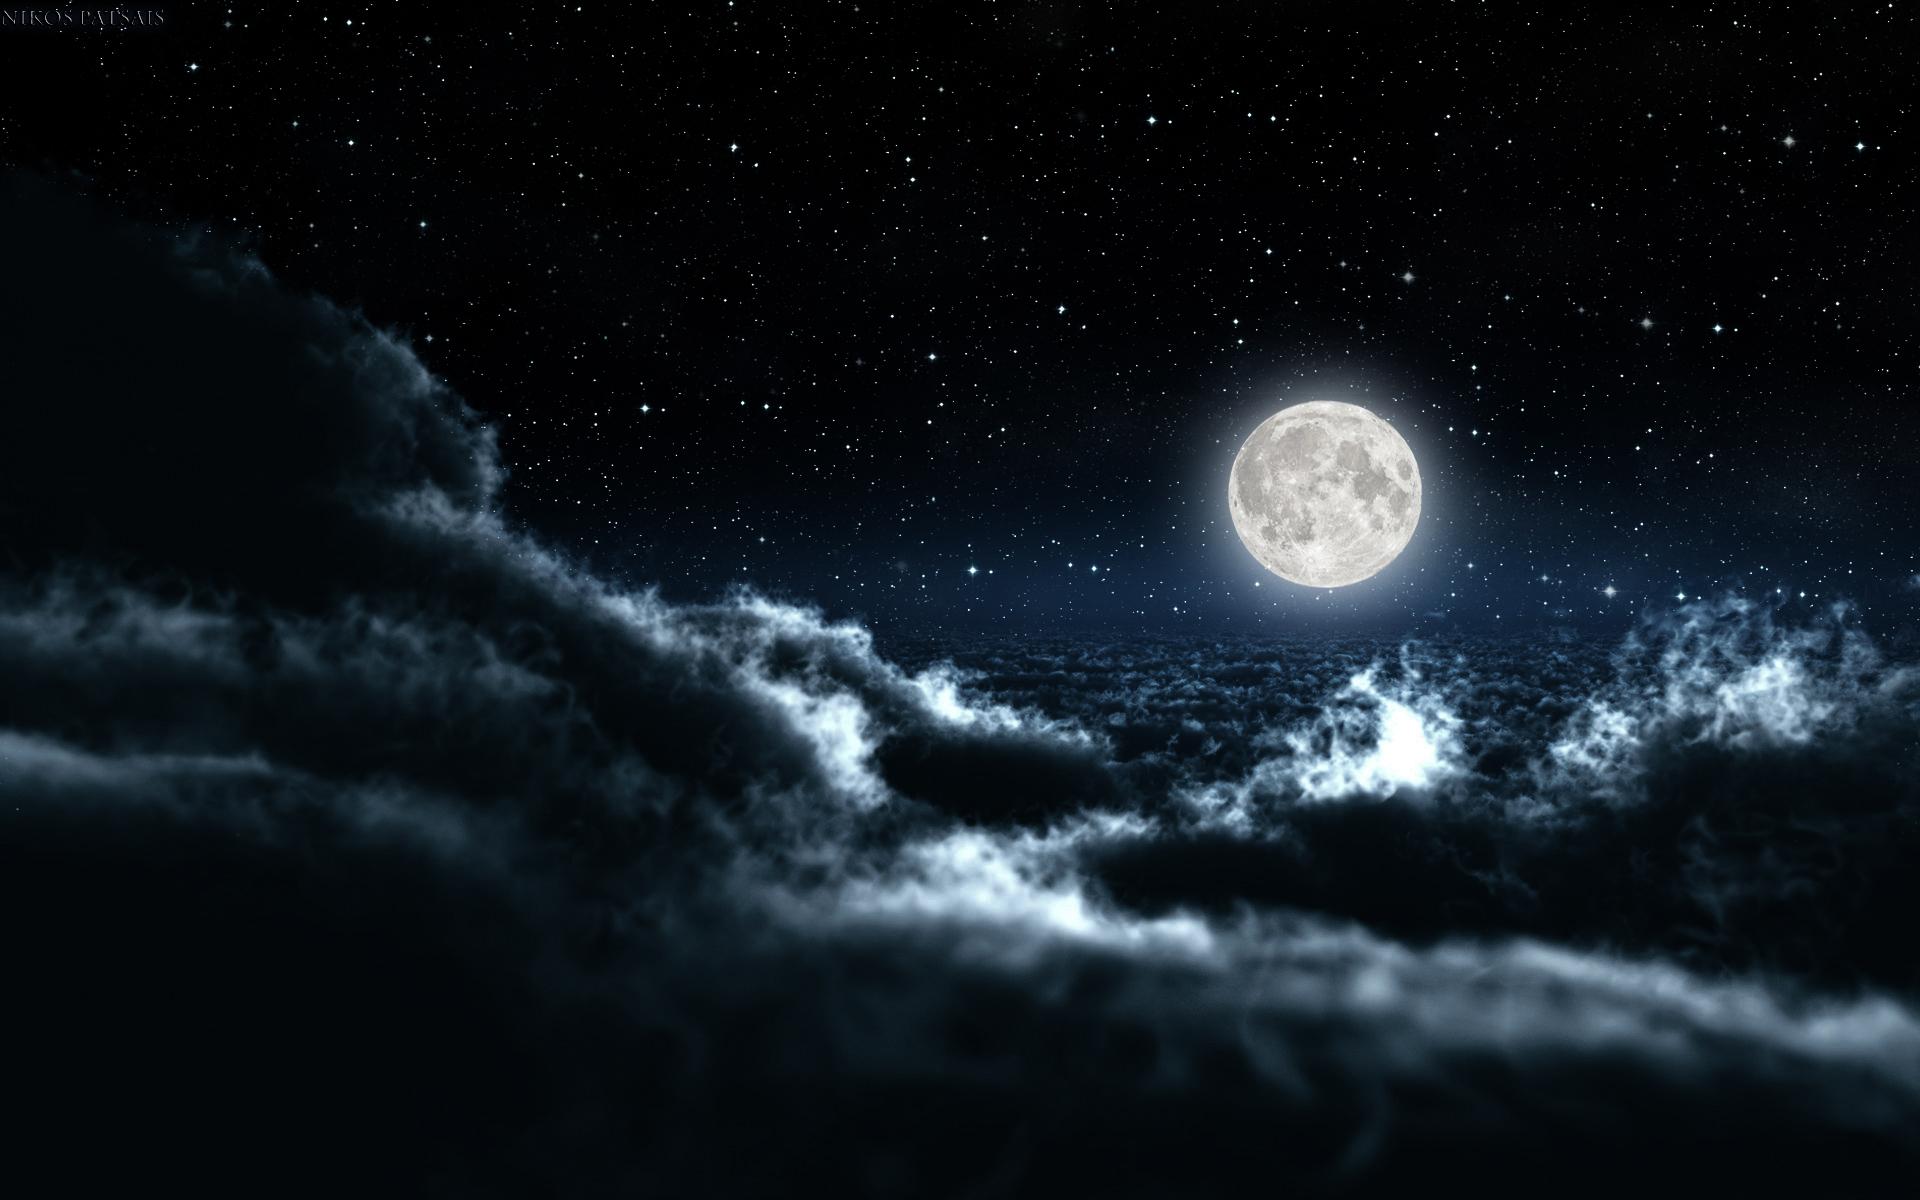 Night Sky 1715904 1920x1200